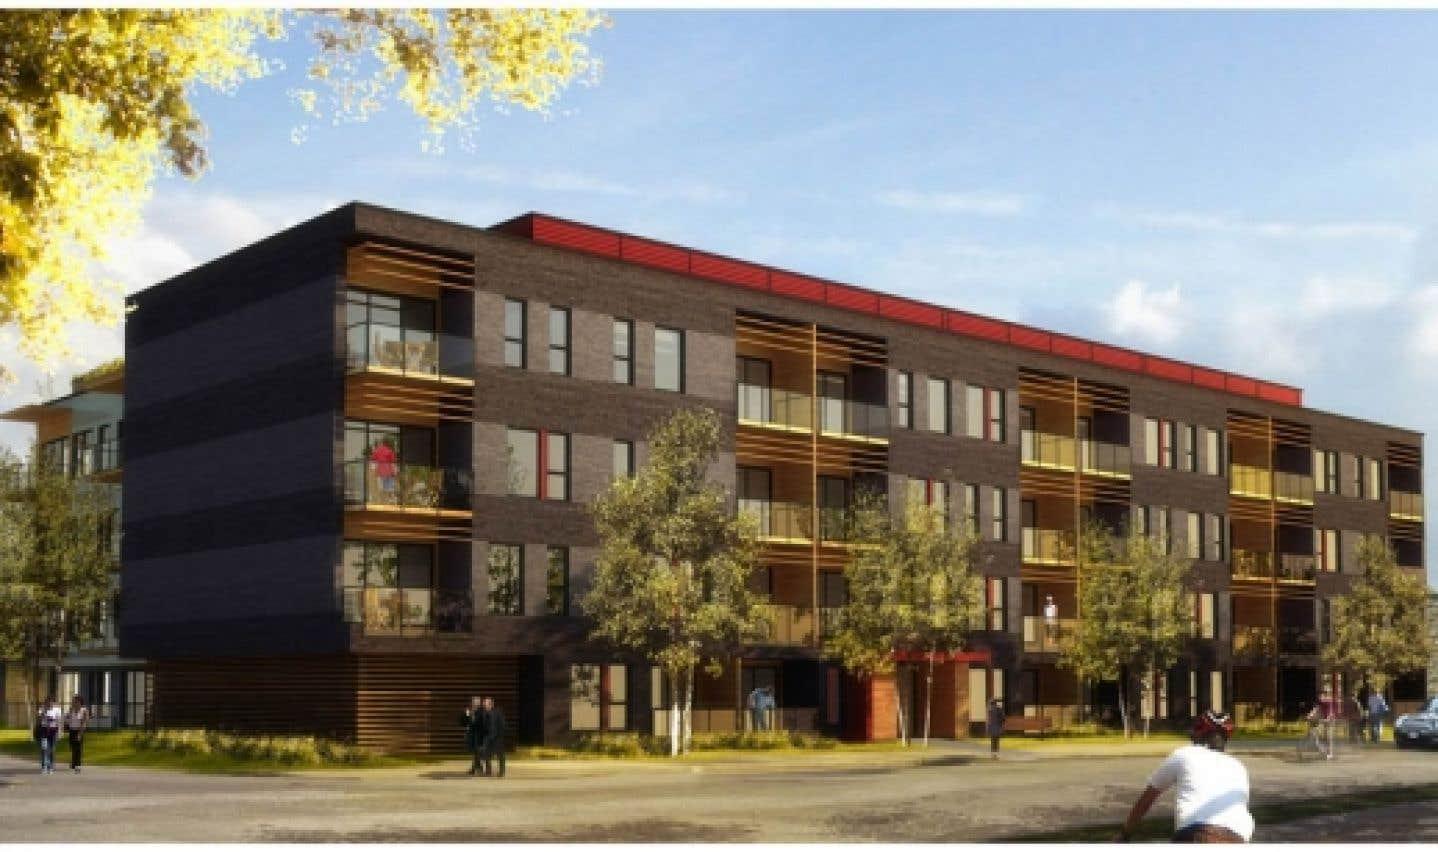 Le prix des unités varie de 164 000 $ à 325 000 $. Dans ce complexe, on retrouvera différents types de logement.